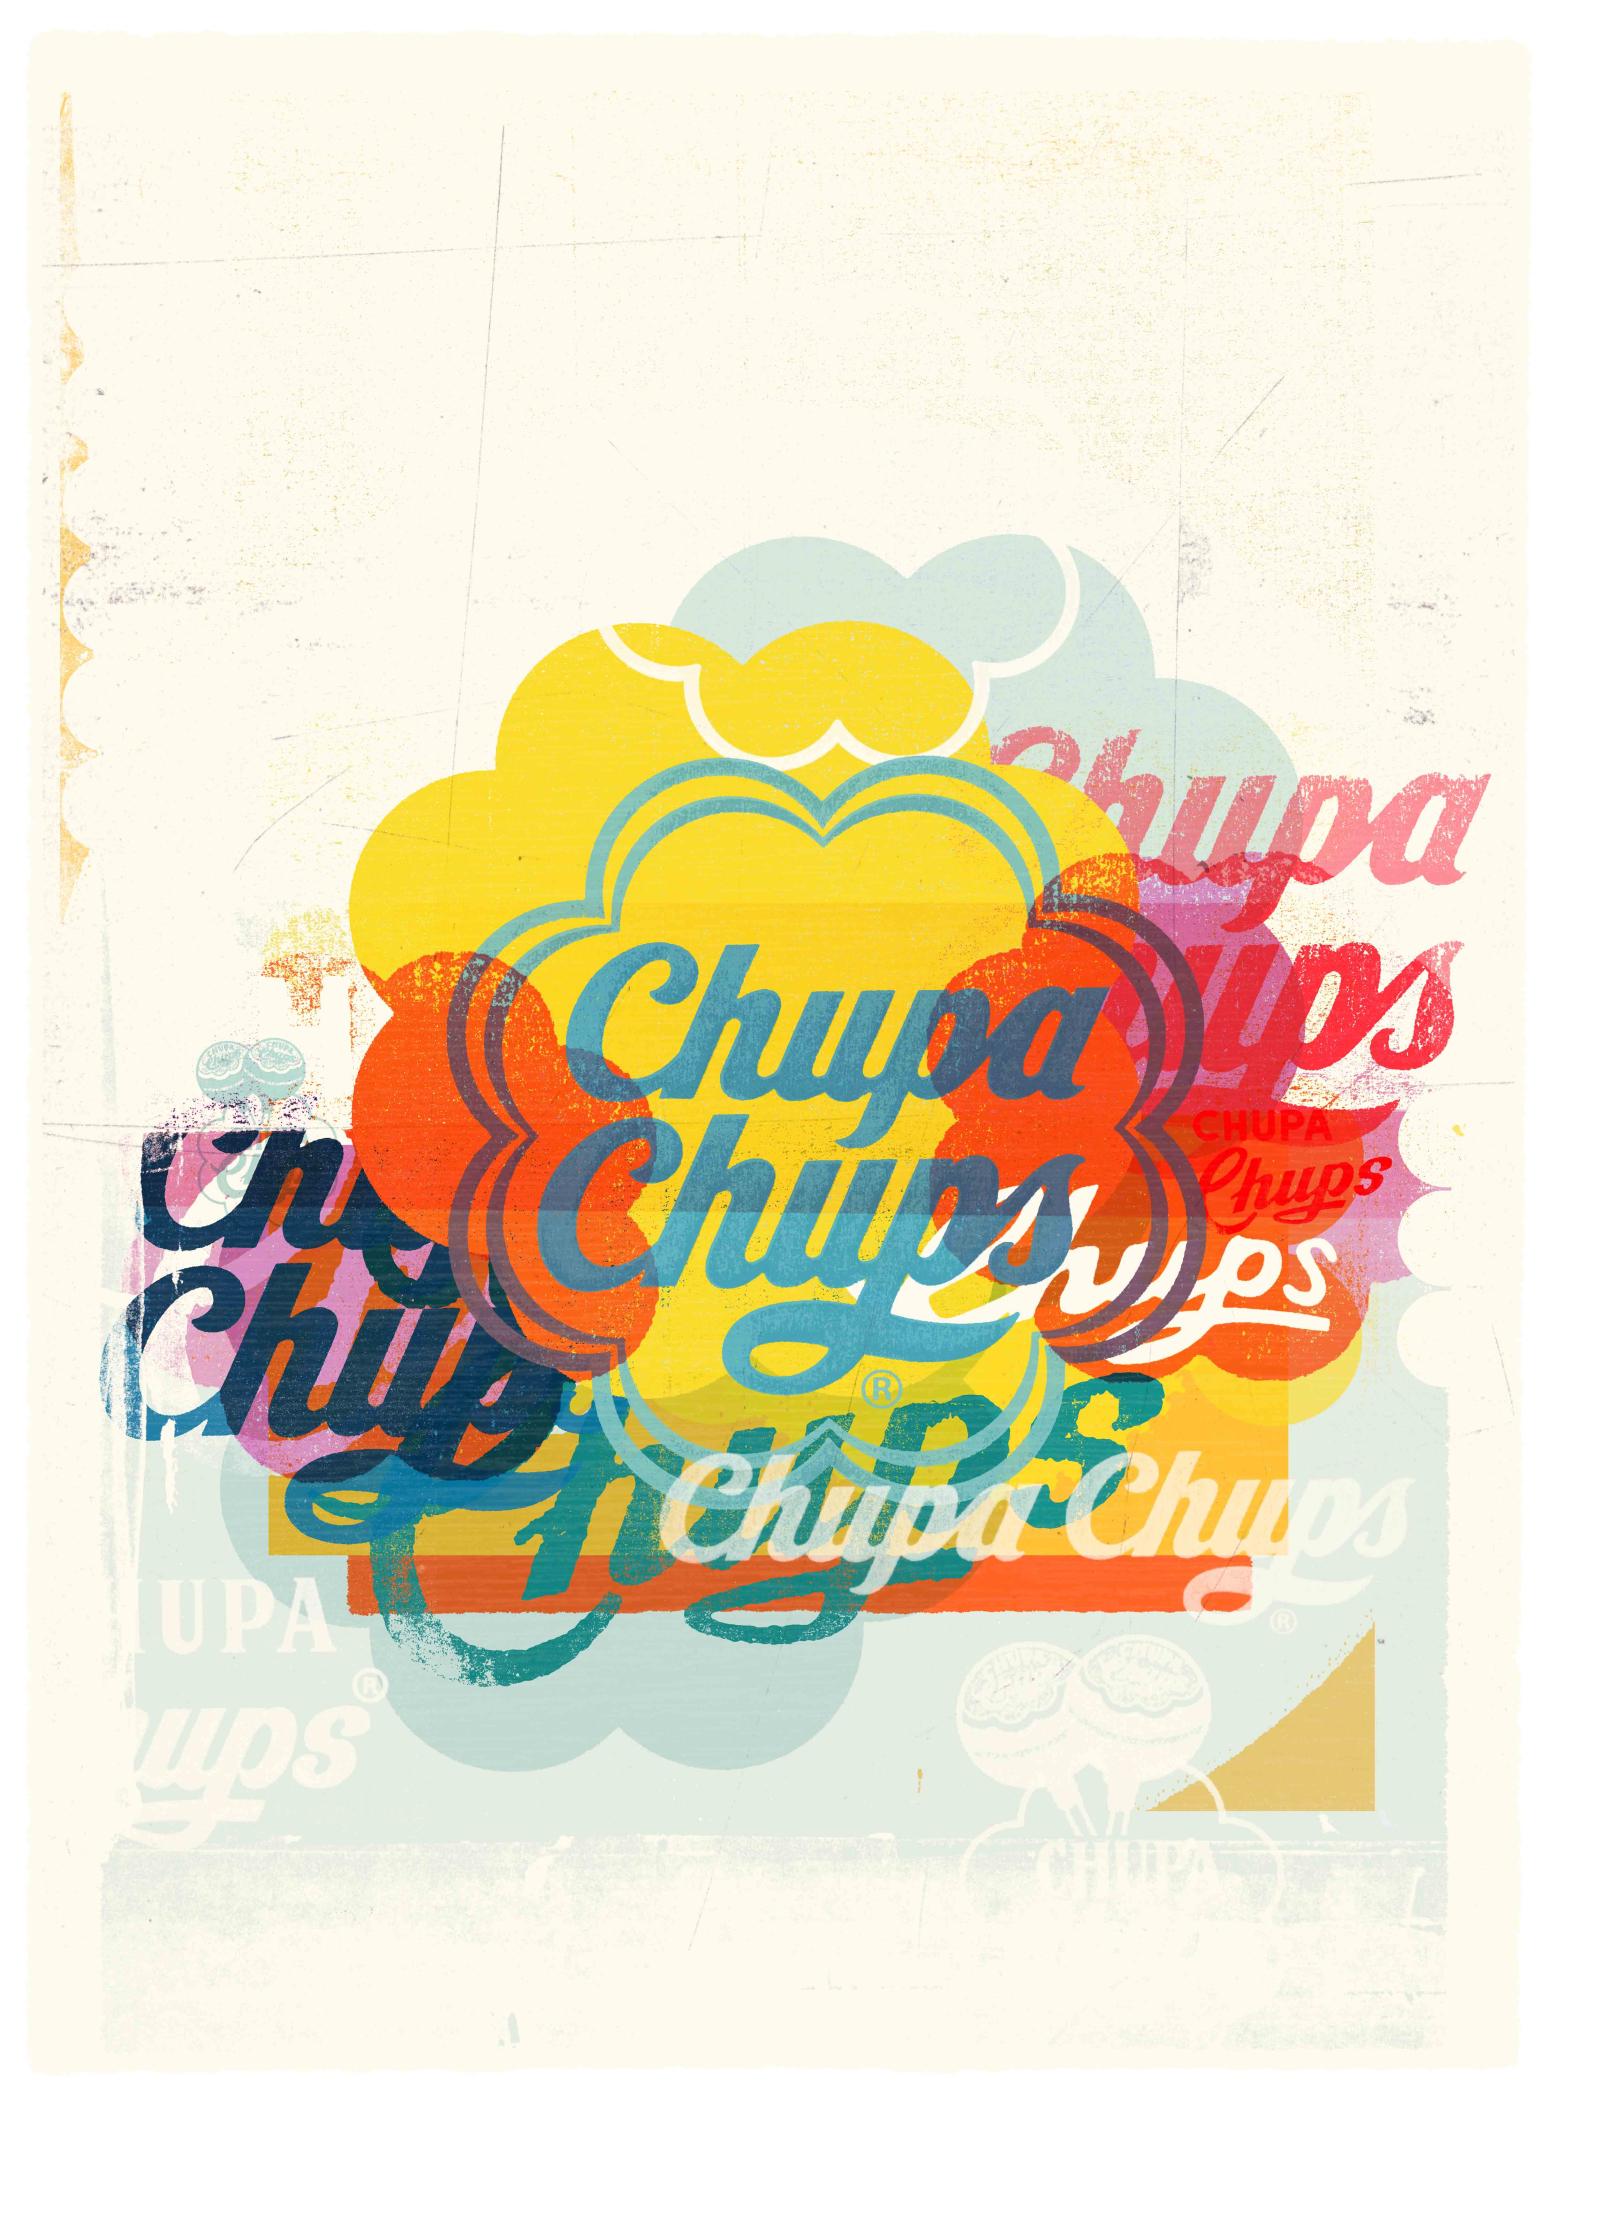 Chupa Chups Logos